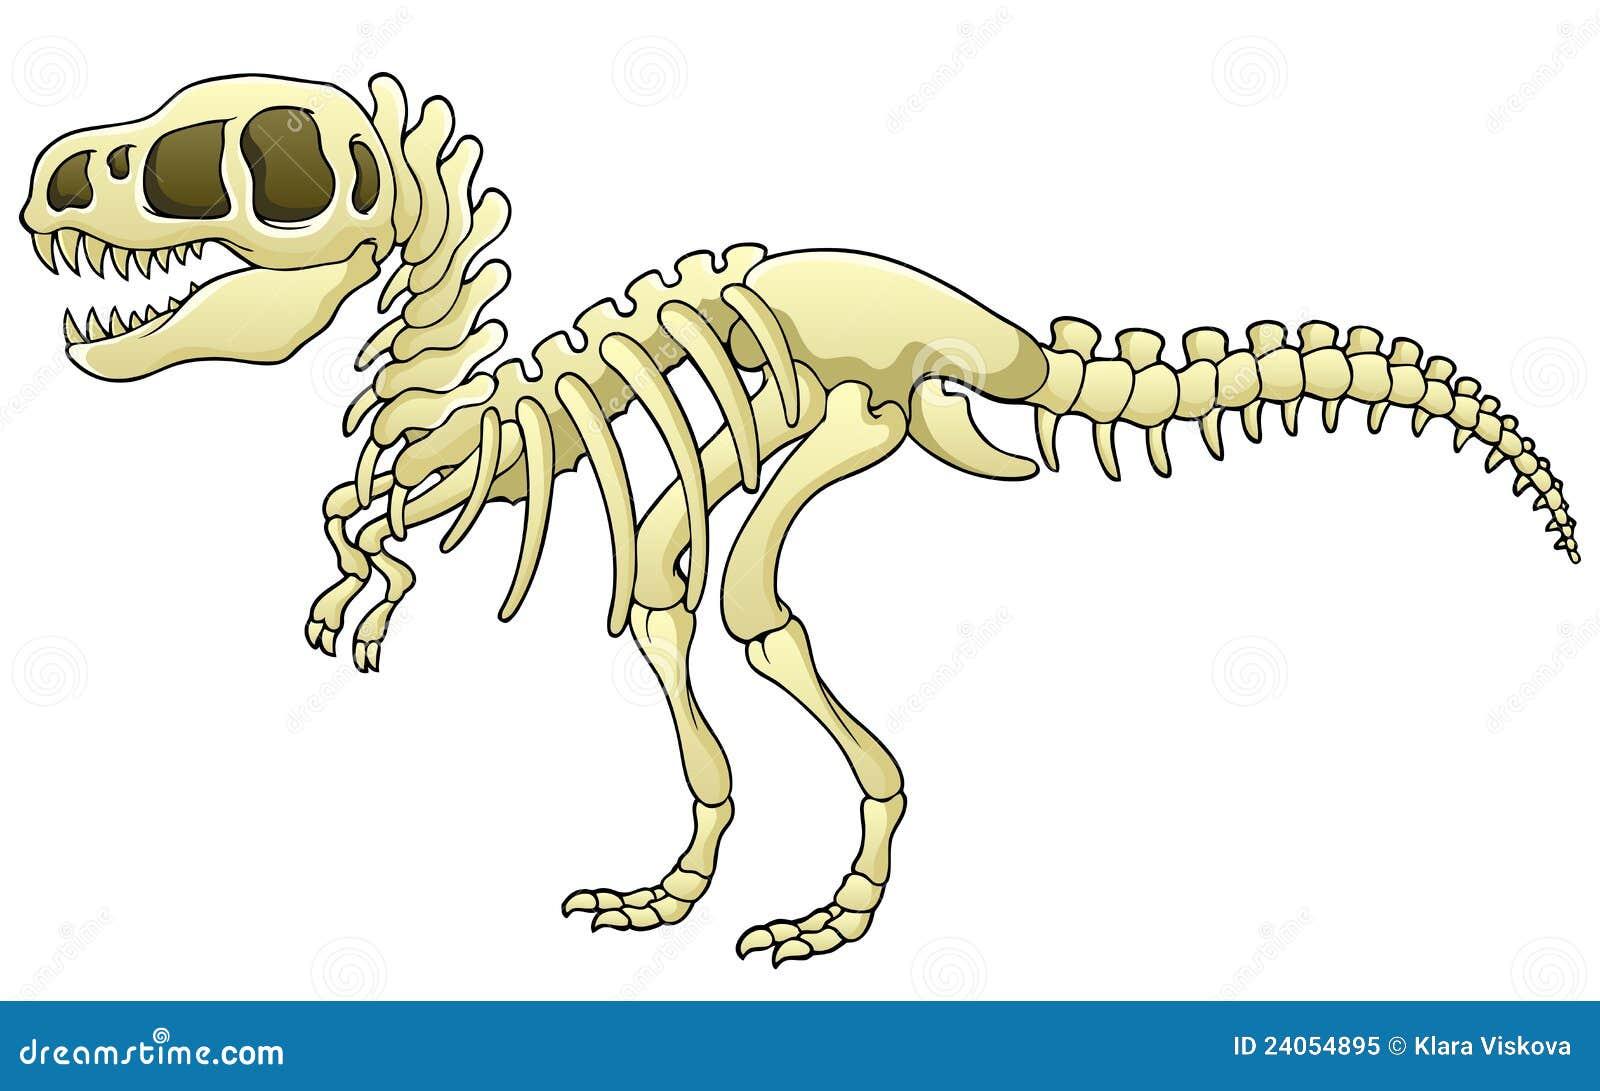 Tyrannosaurus Skeleton Image Stock Vector